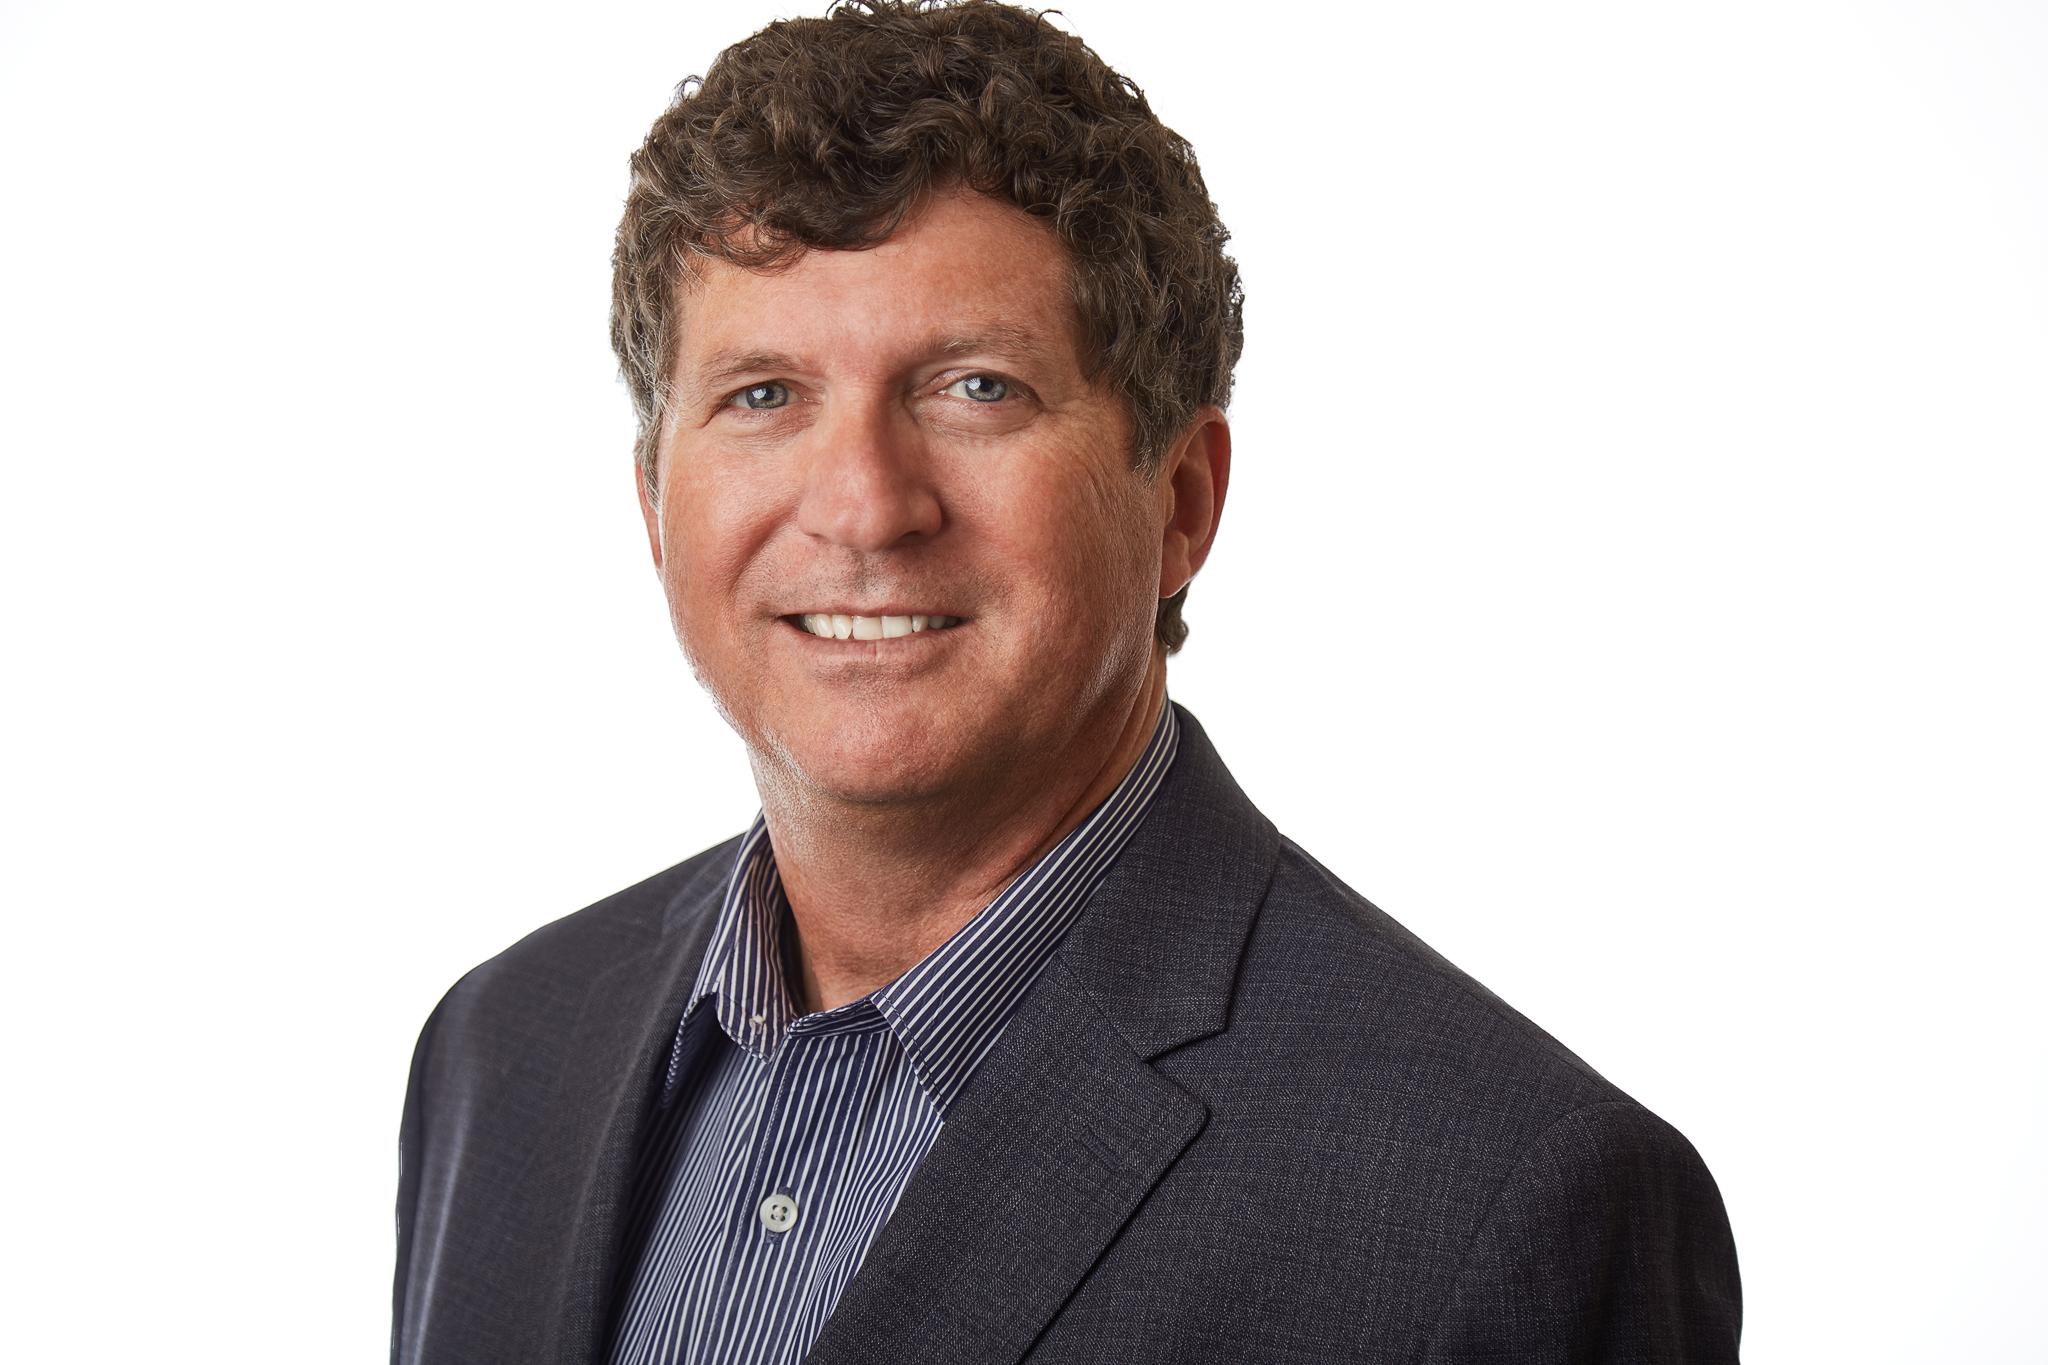 P. Scott Maclean